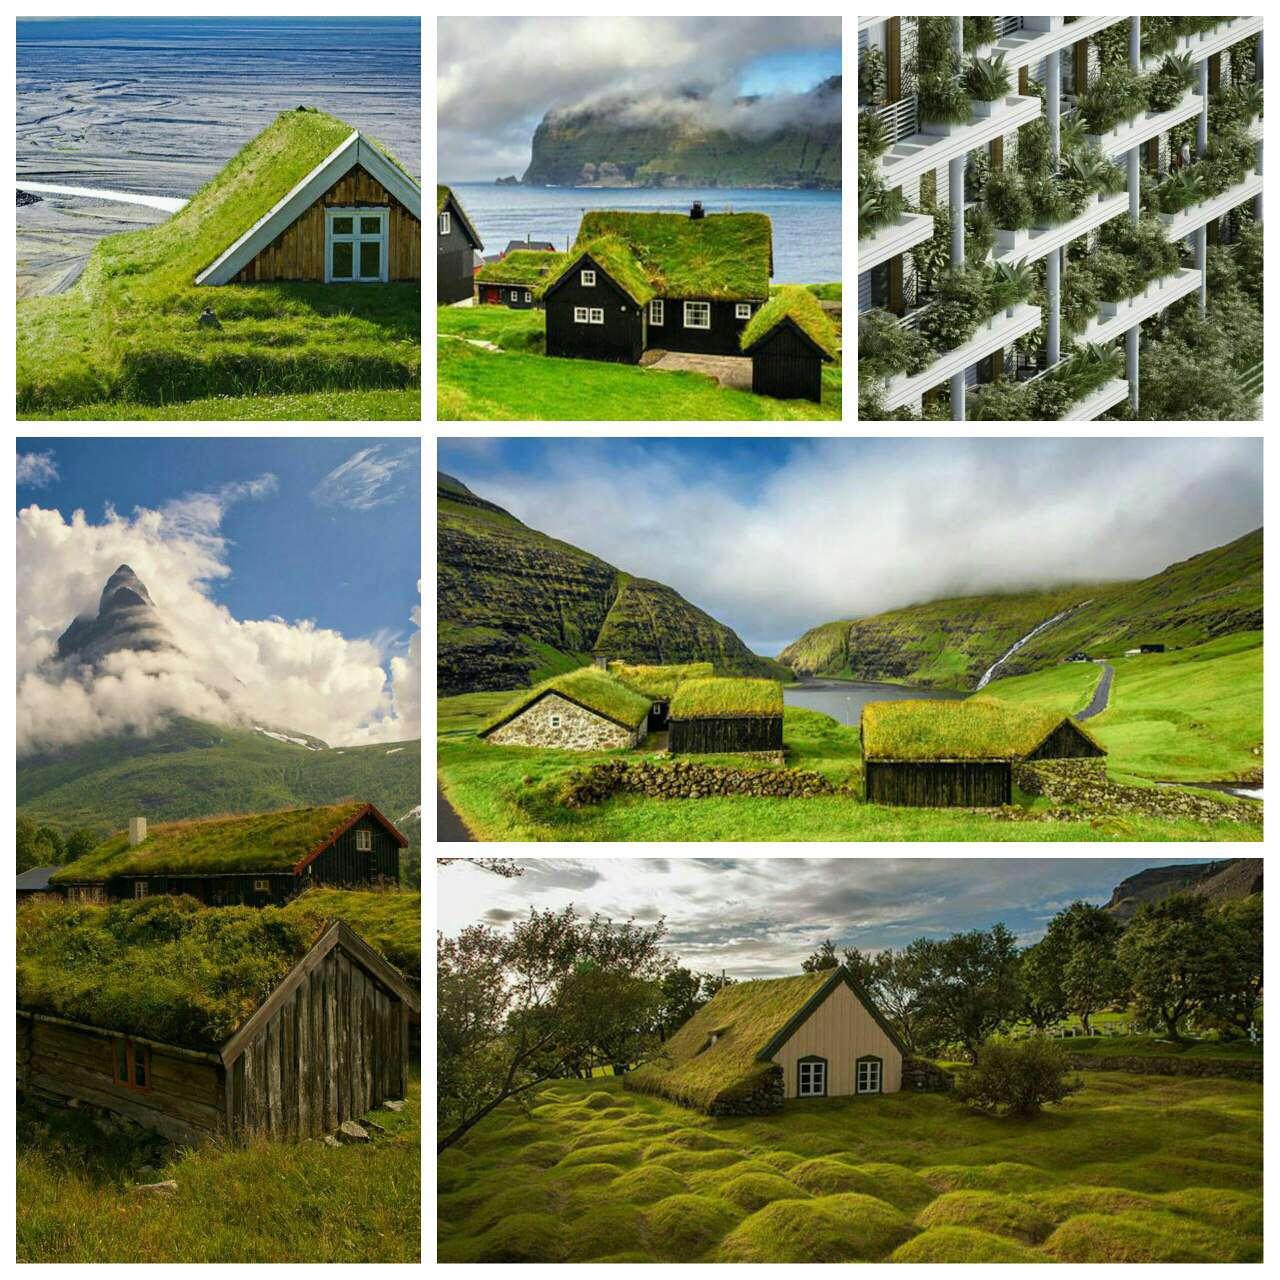 خانه های اروپایی با سقف پوشیده از گیاهان برای کاهش مصرف انرژی و حفظ دمای خانه ها